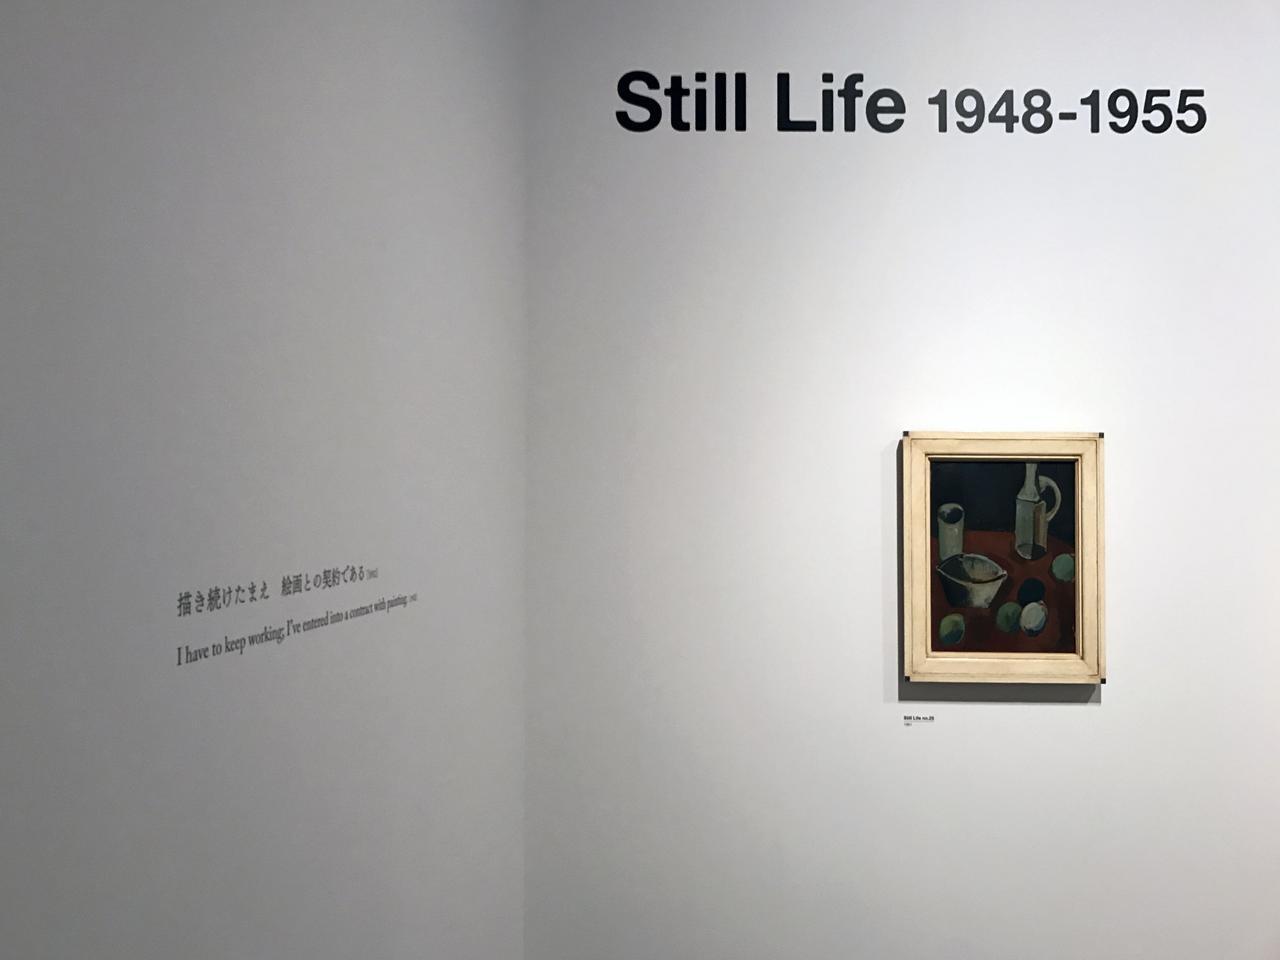 画像: Still life 展示風景